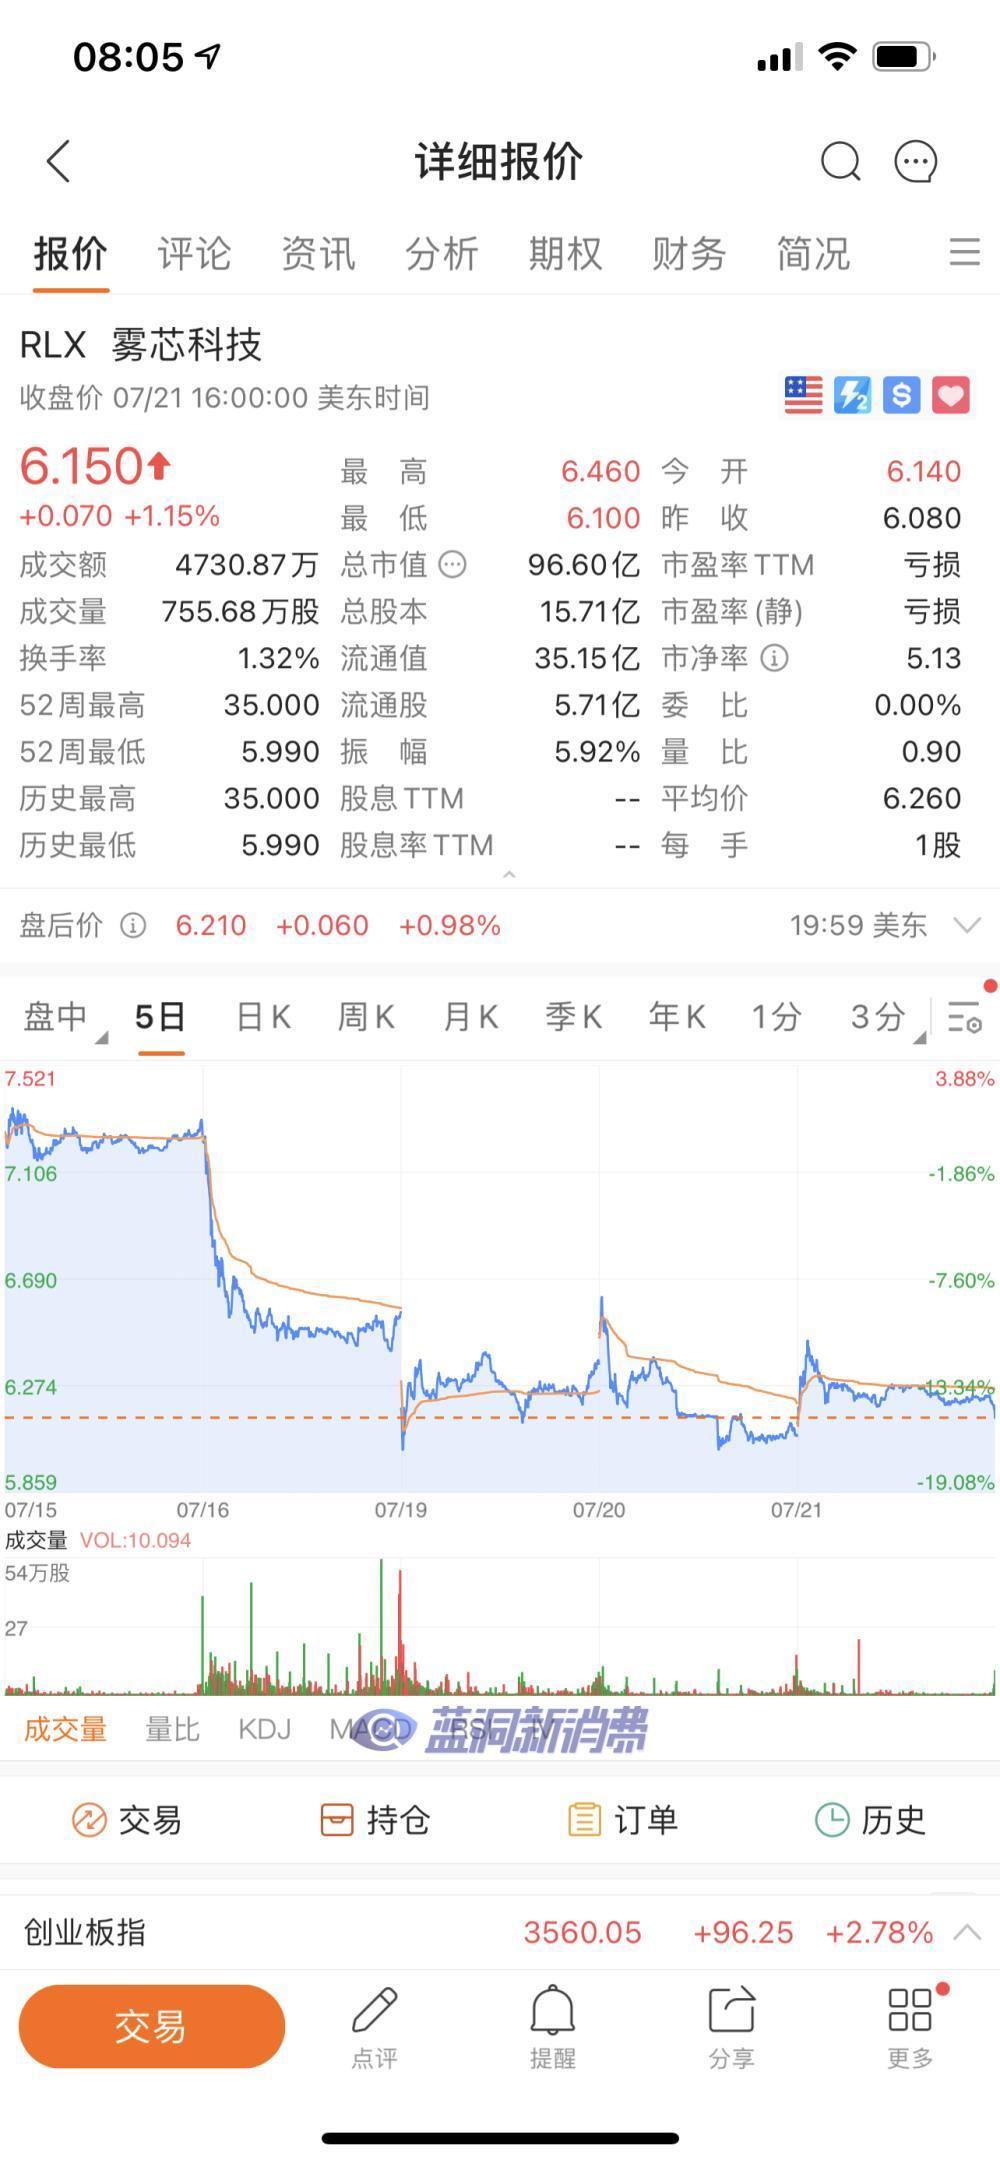 悦刻母公司雾芯科技1.165亿IPO新股解禁